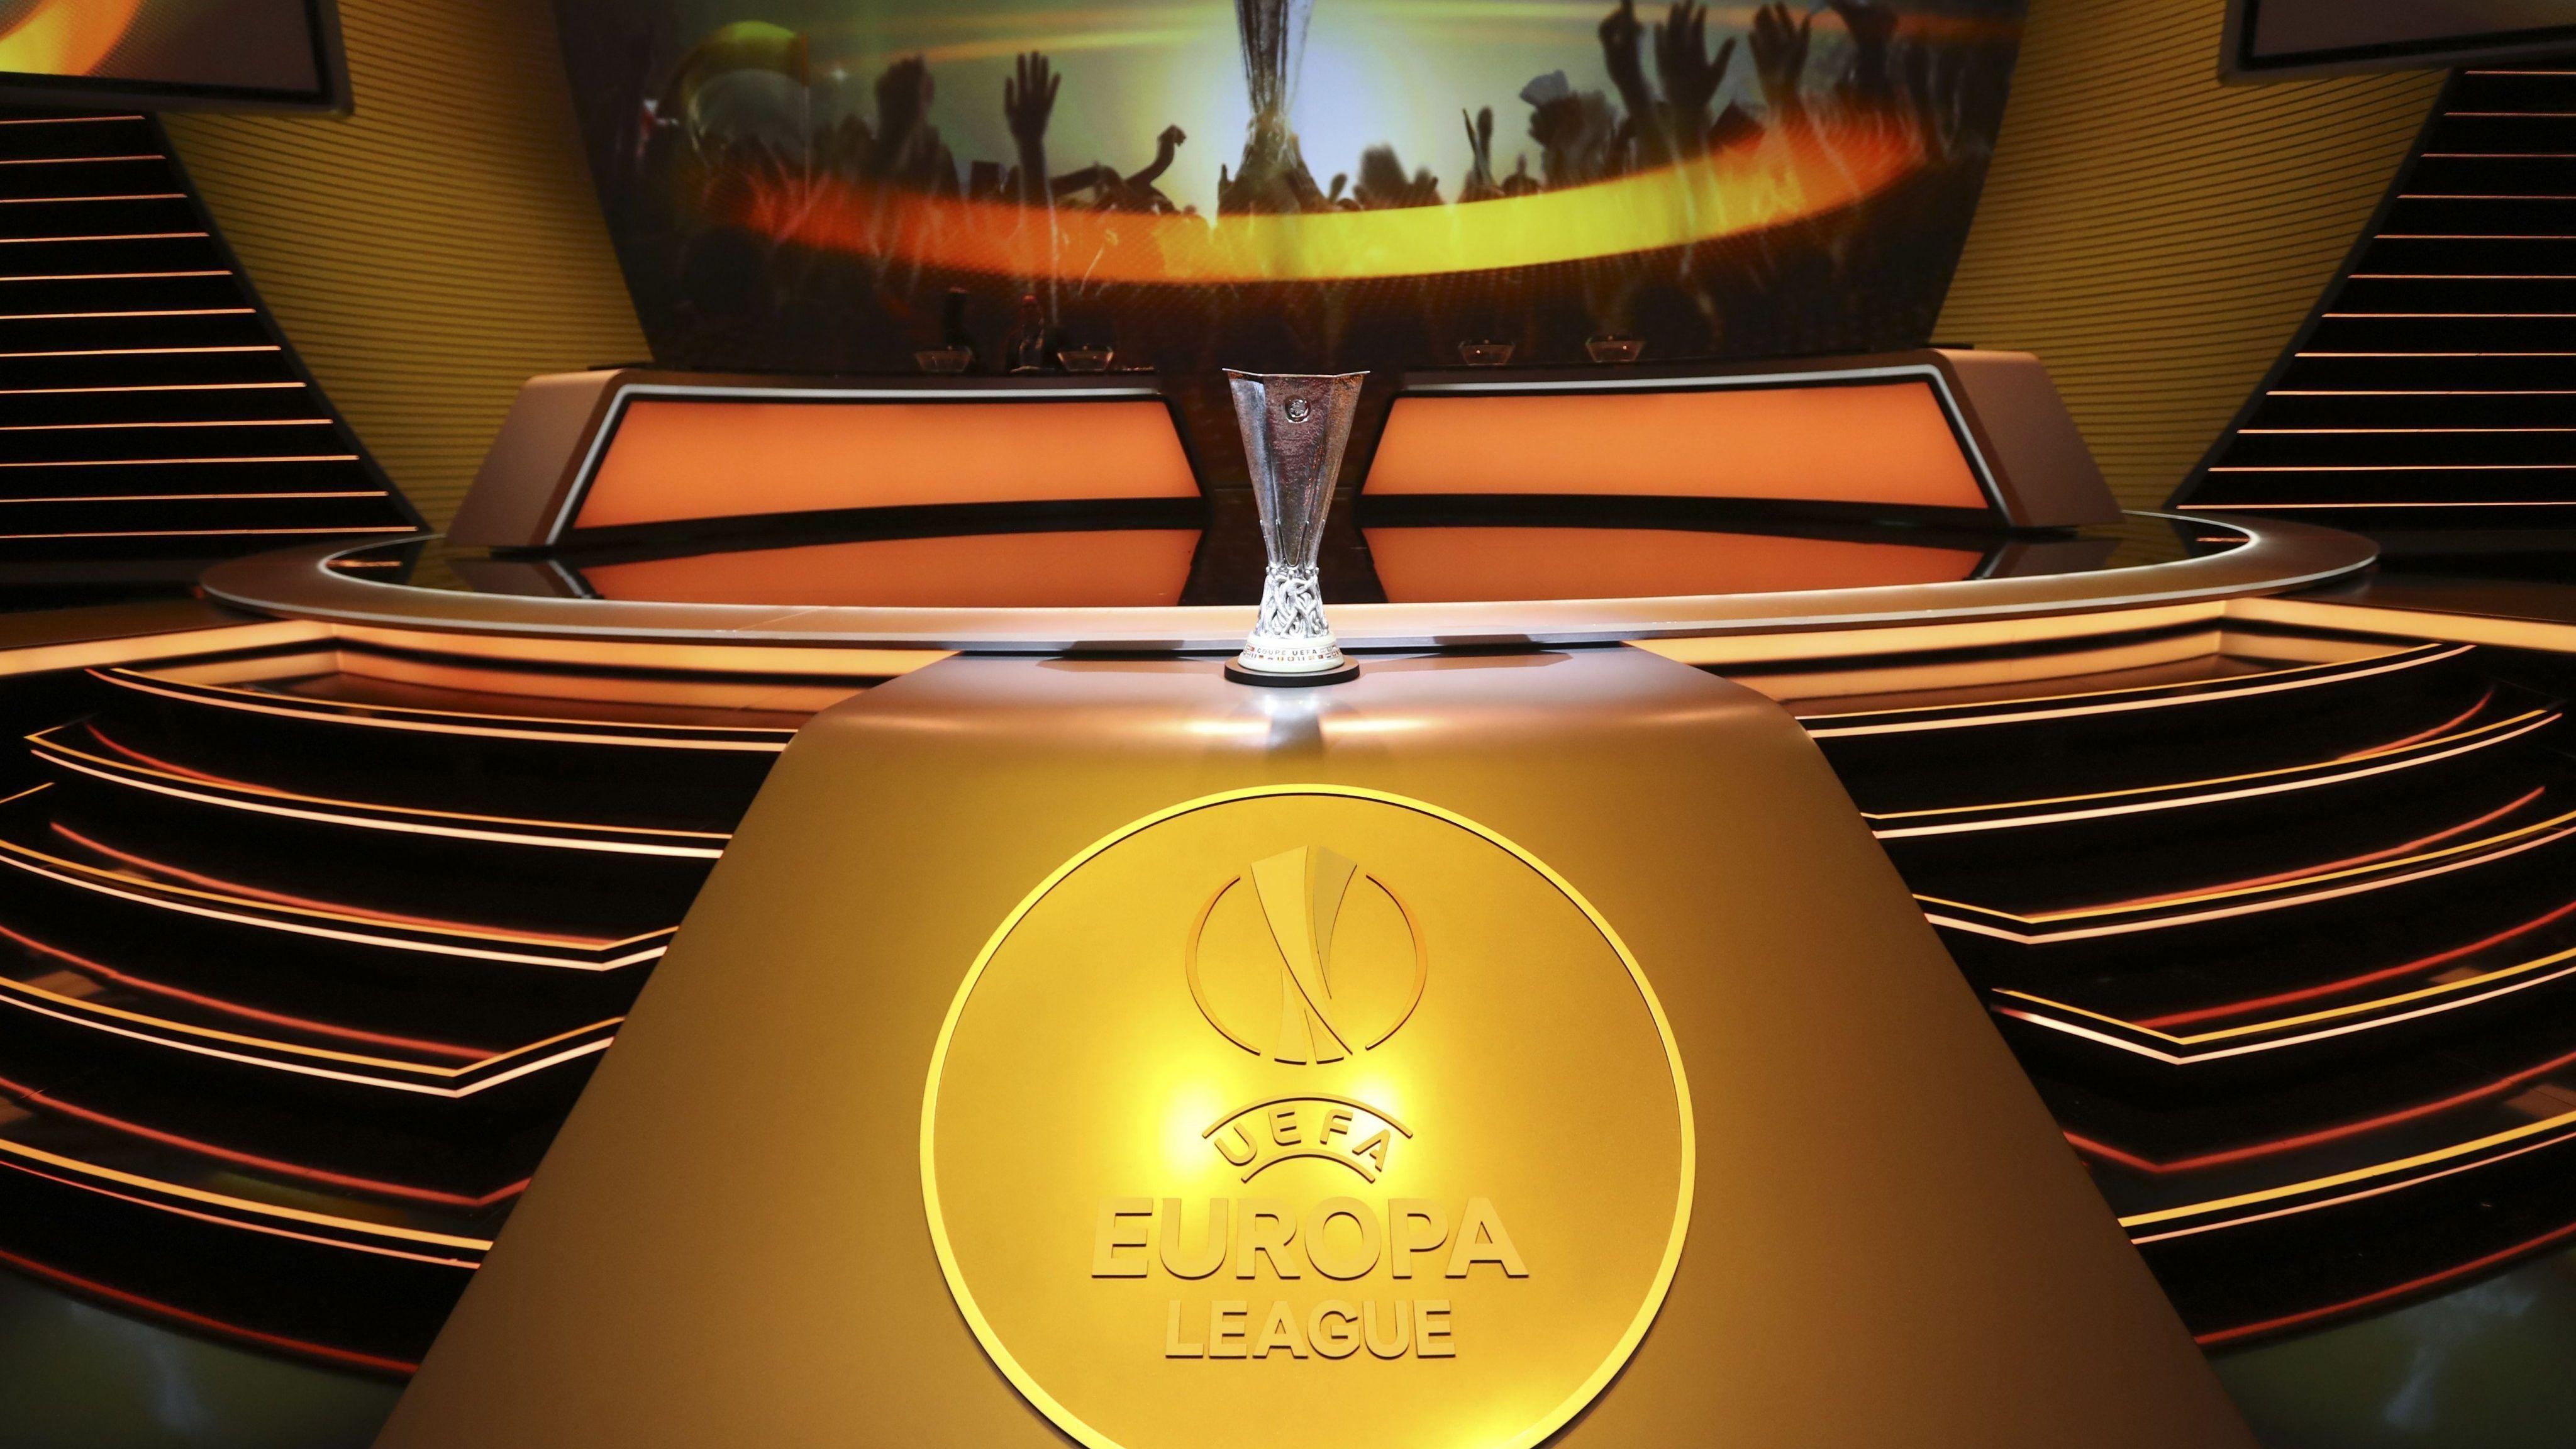 Europaleague Ergebnisse